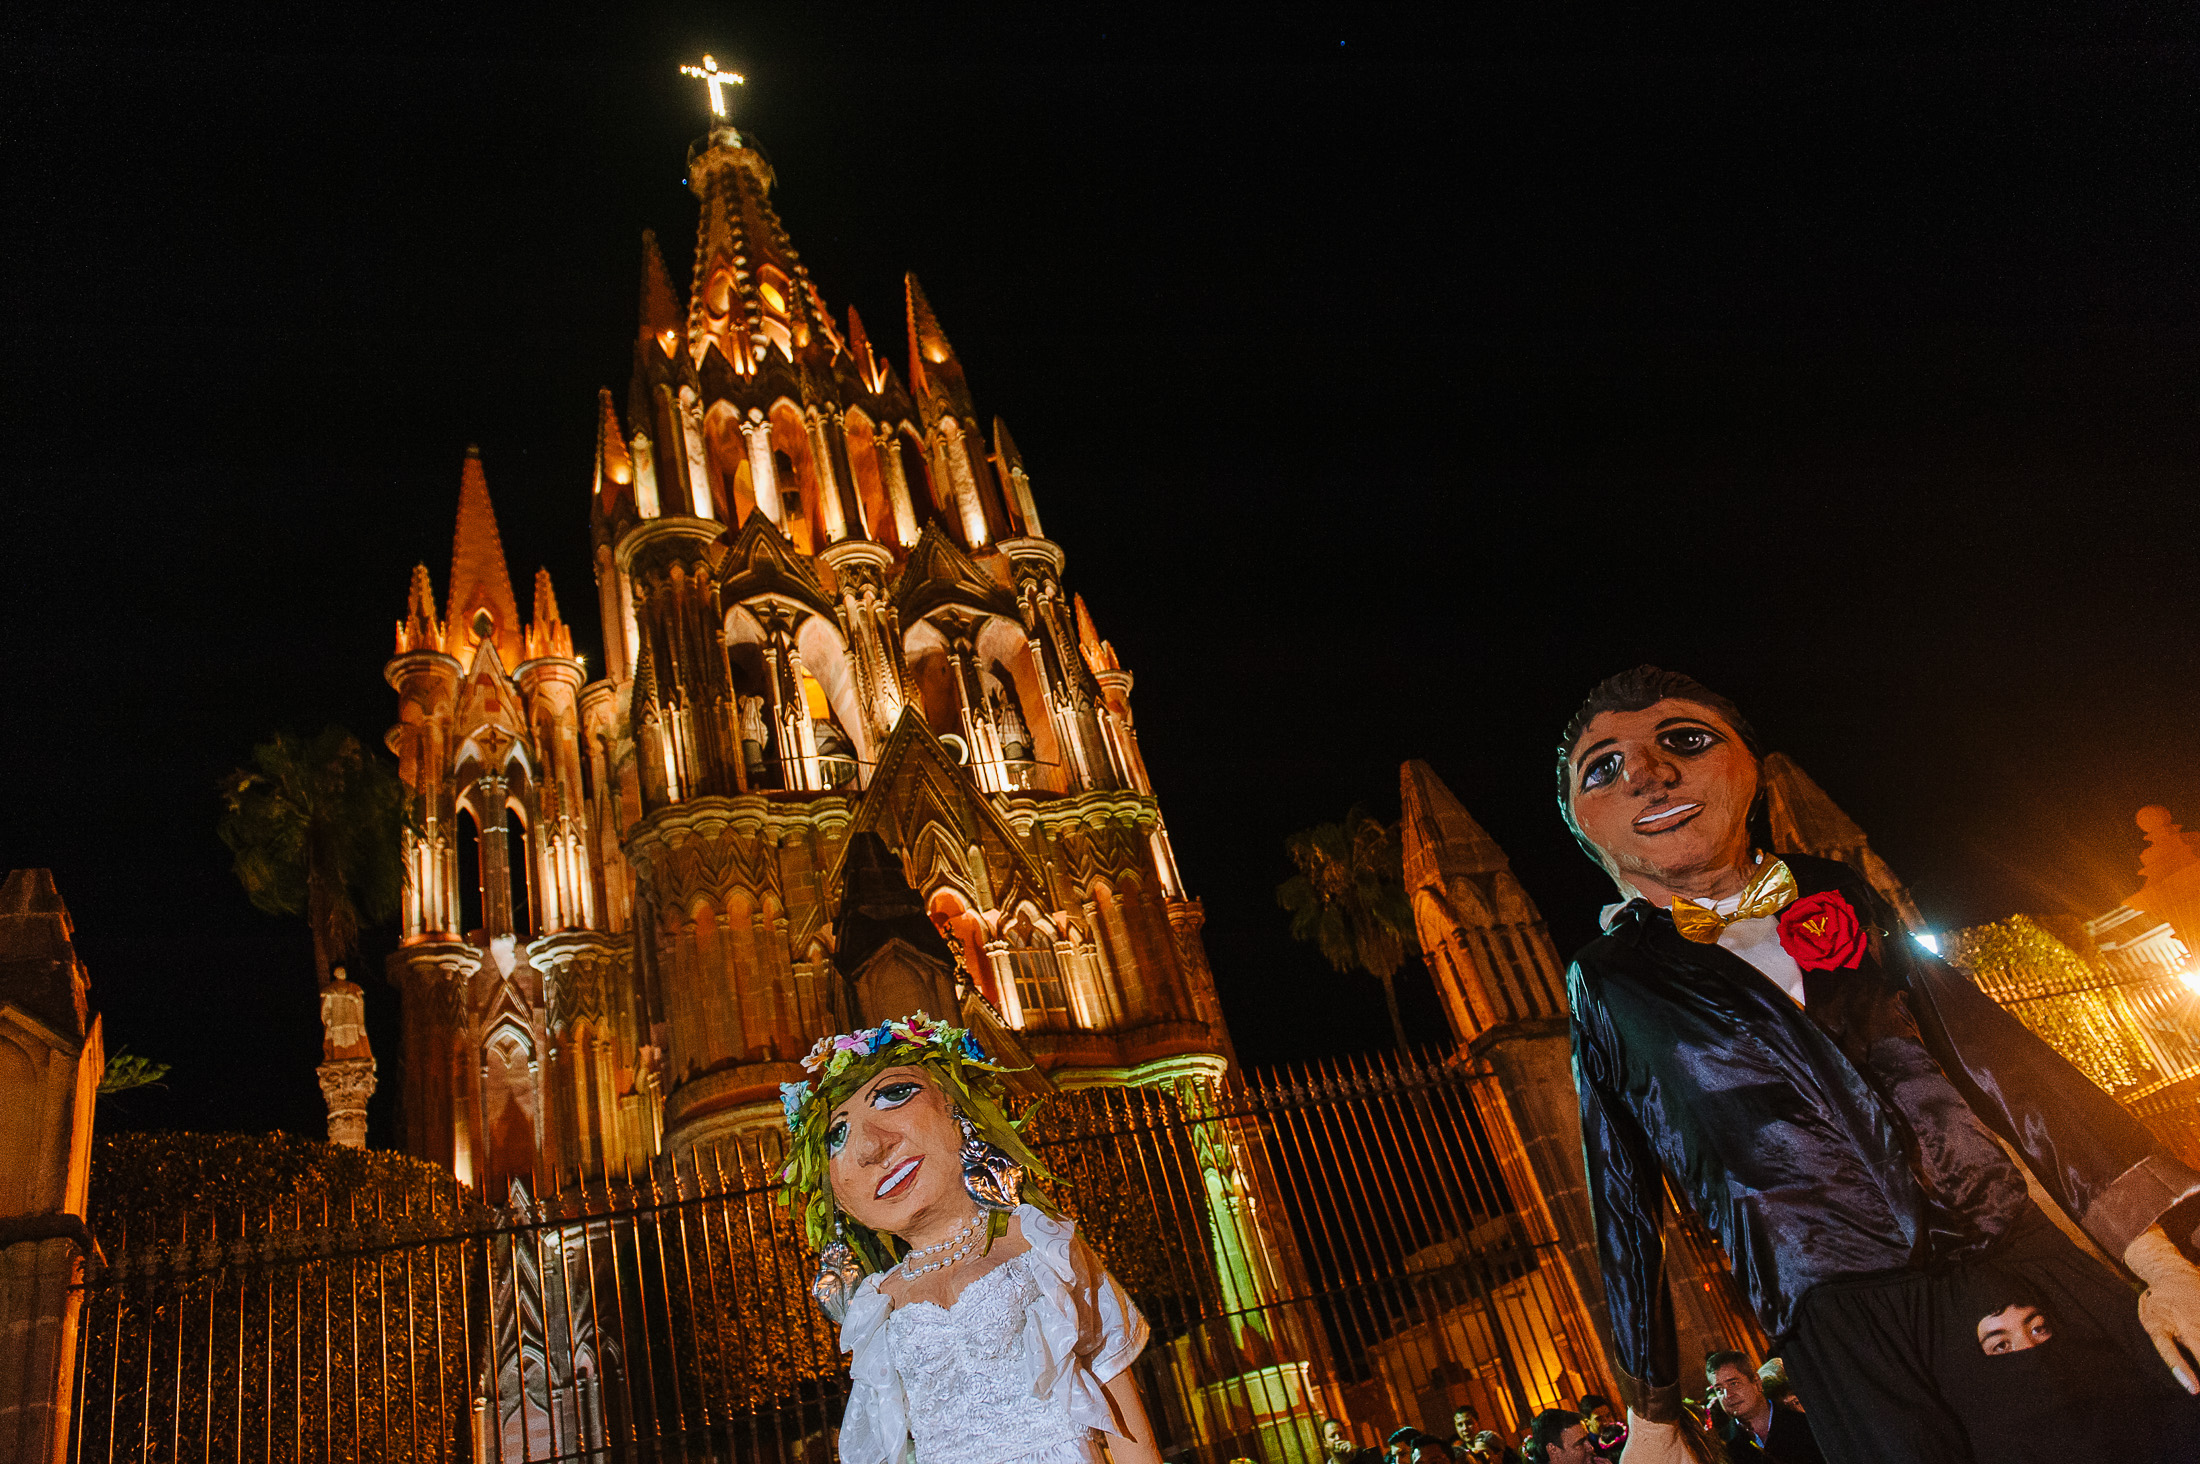 Callejoneada in San Miguel de Allende